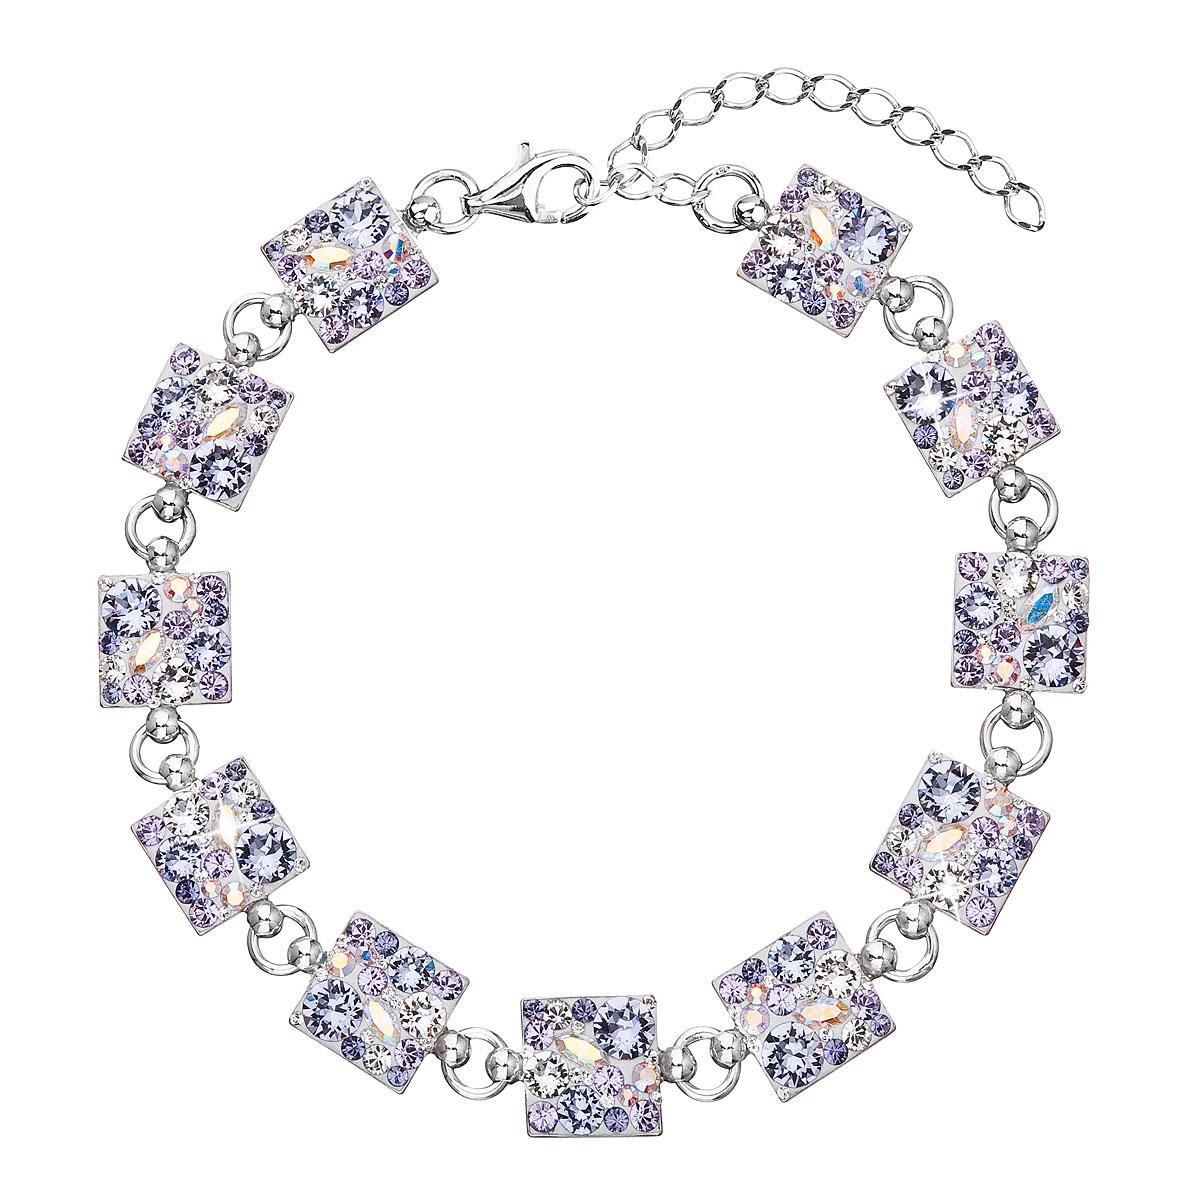 Strieborný náramok s kryštálmi Crystals from Swarovski ®, Violet